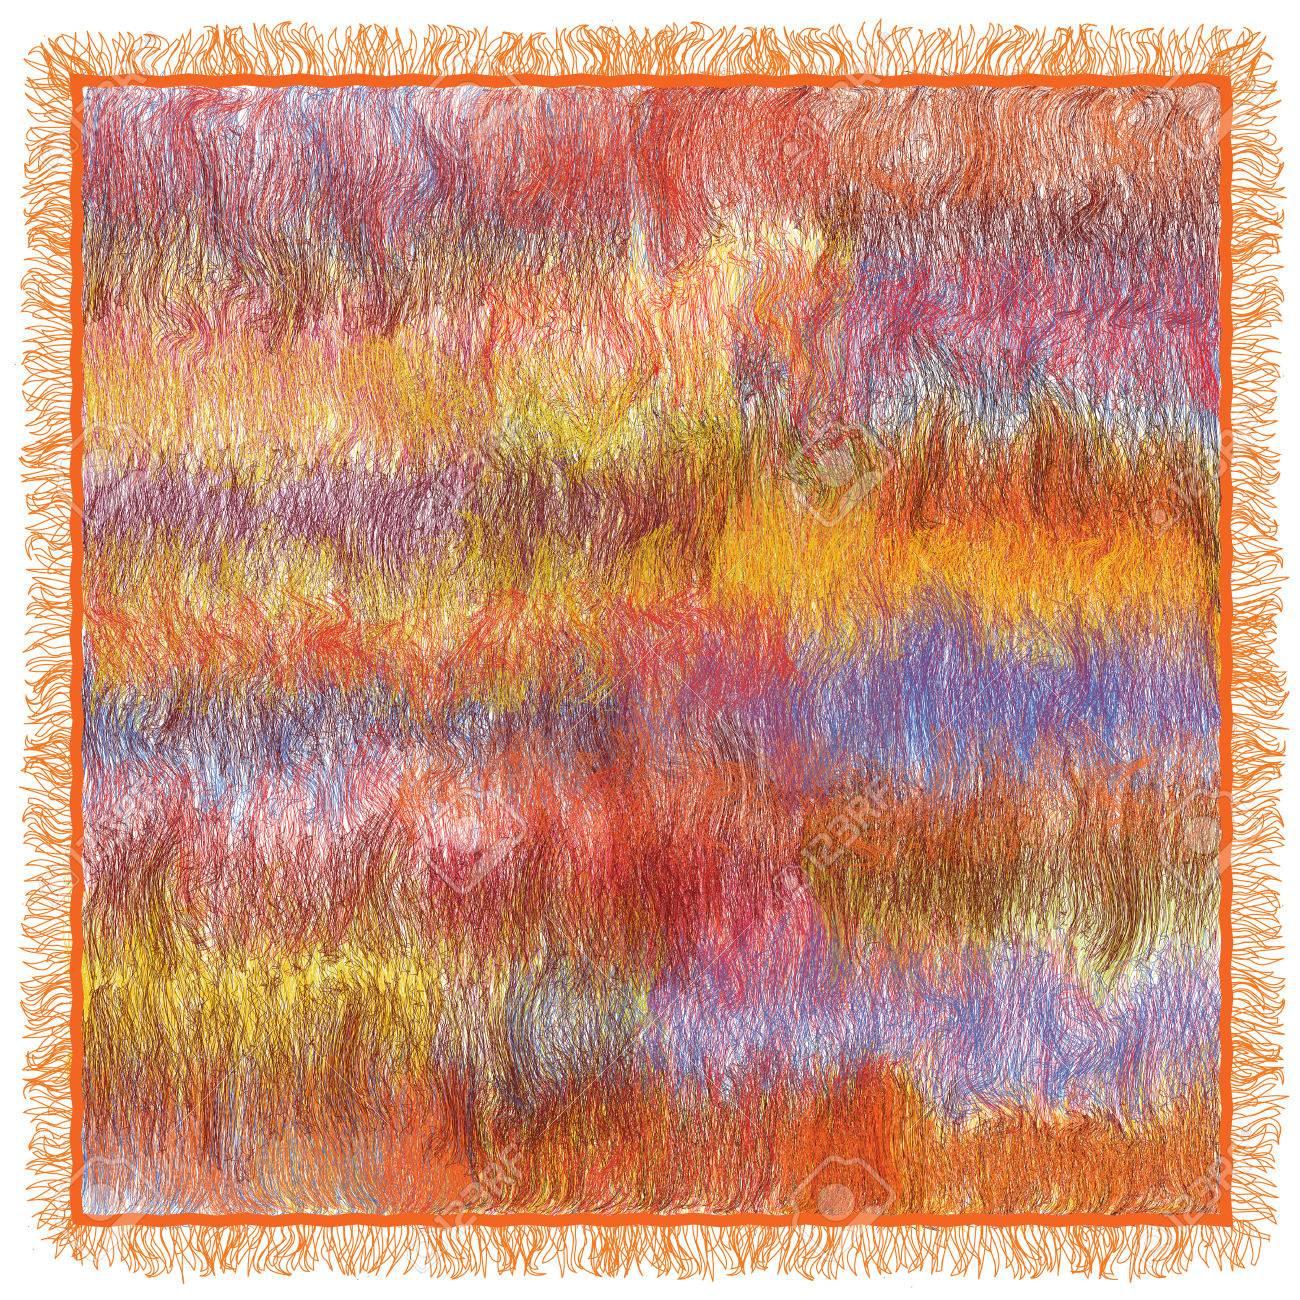 Flauschiger Teppich Mit Weben Grunge Gestreift Wellige Bunte Muster